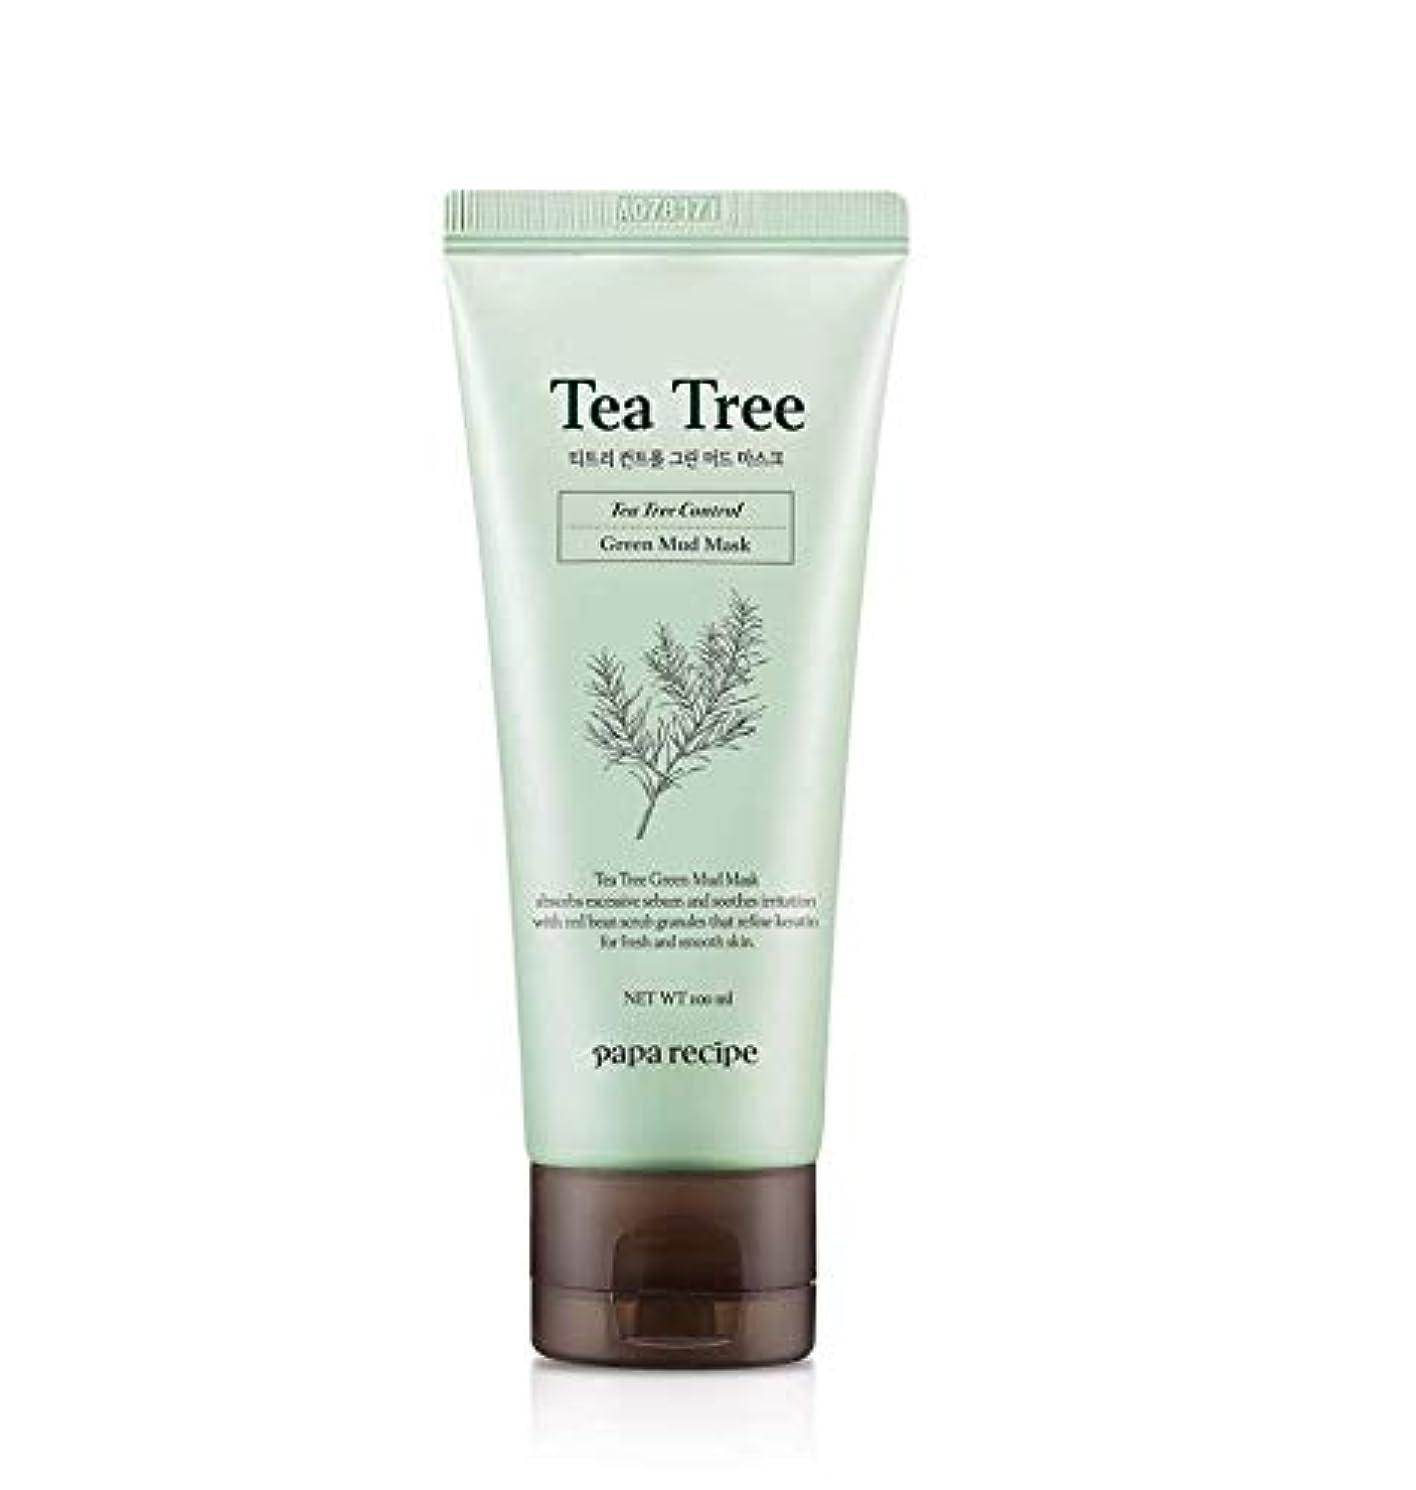 こんにちはテニスナプキンPaparecipe (パパレシピ) ティーツリー コントロール グリーン マッド マスク/Tea Tree Control Green Mud Mask (100ml) [並行輸入品]